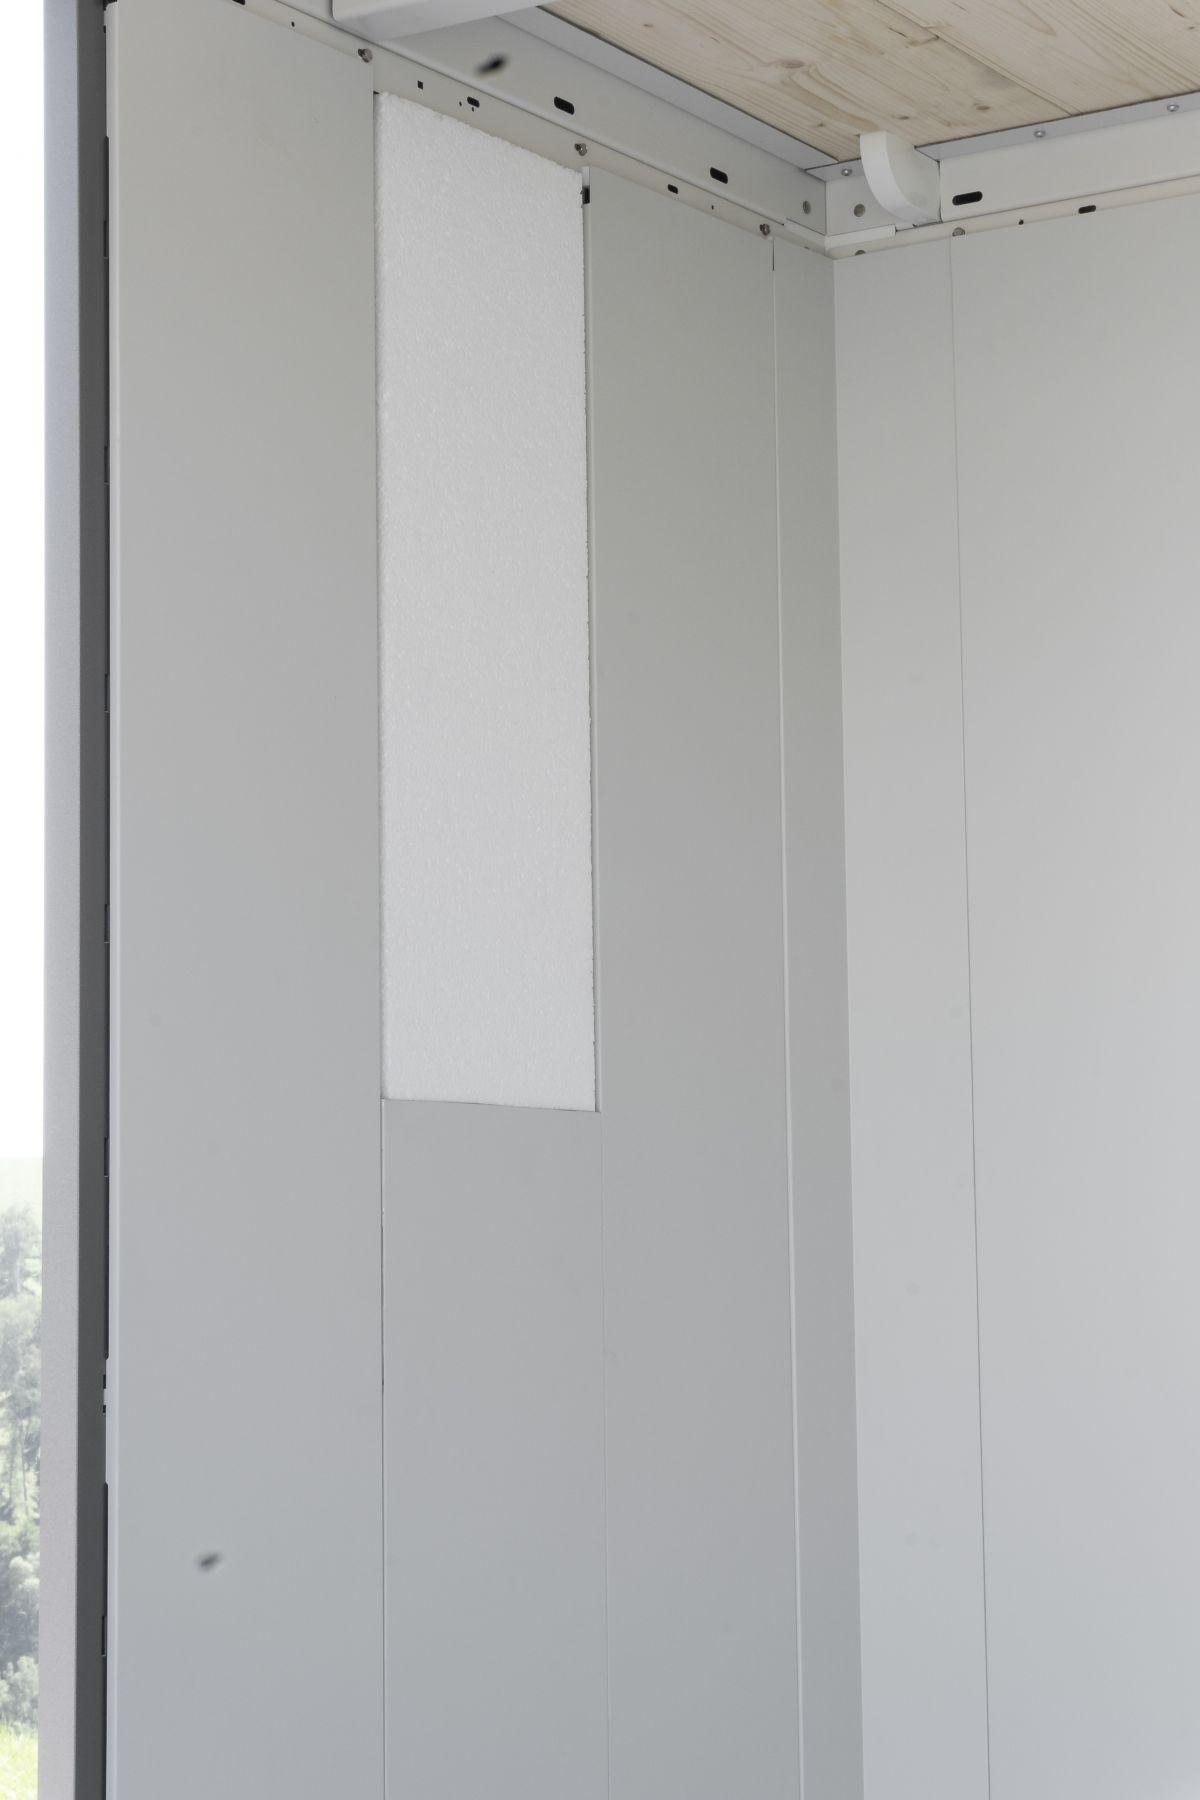 Biohort Izolace pro domek NEO 1A (standardní dveře)/1B (dvoukřídlé dveře)